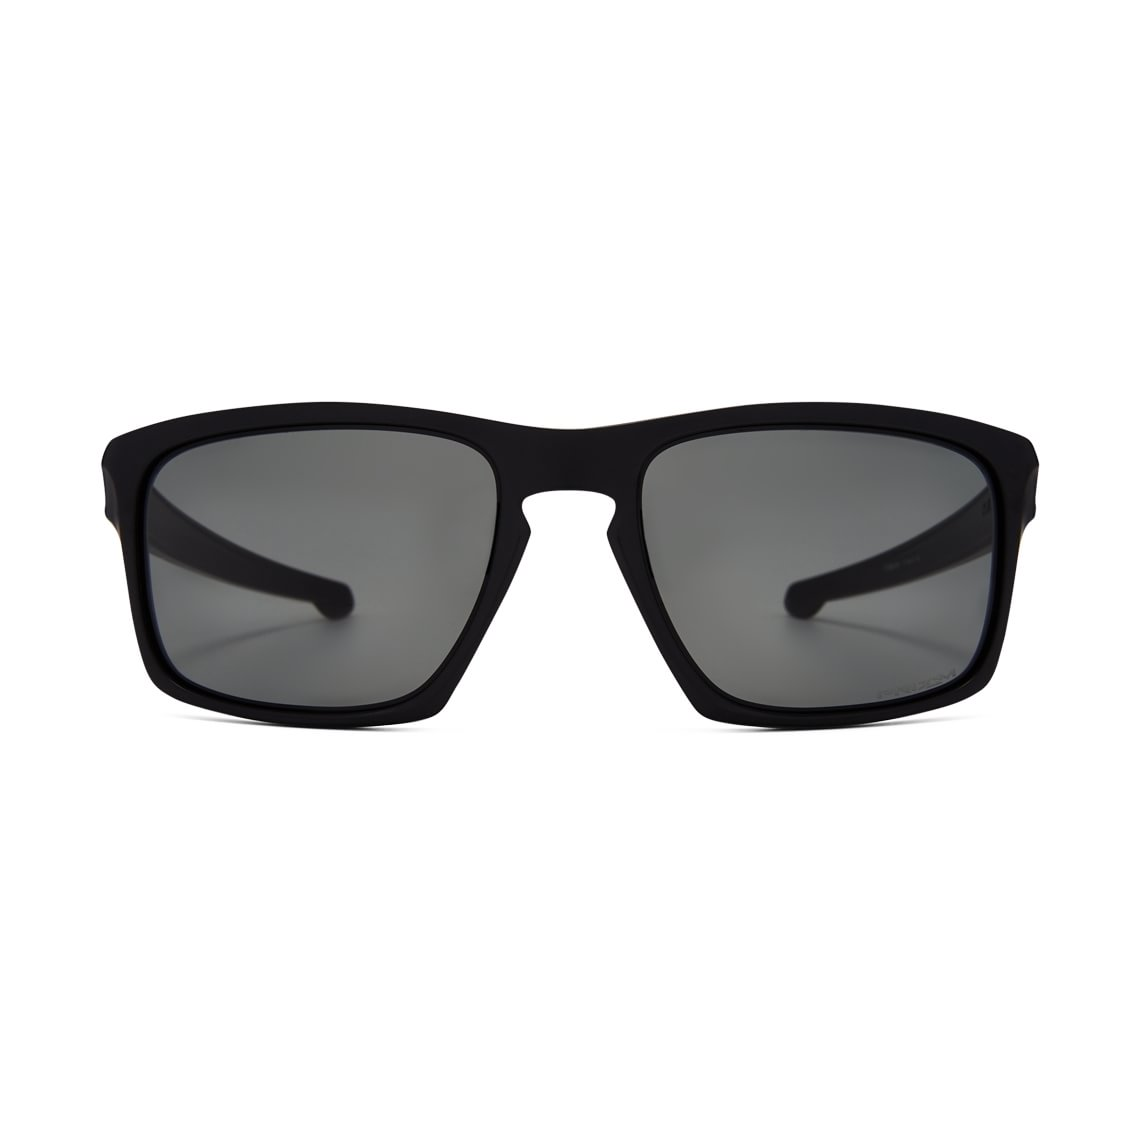 Oakley Sliver Prizm Grey OO9262-6857